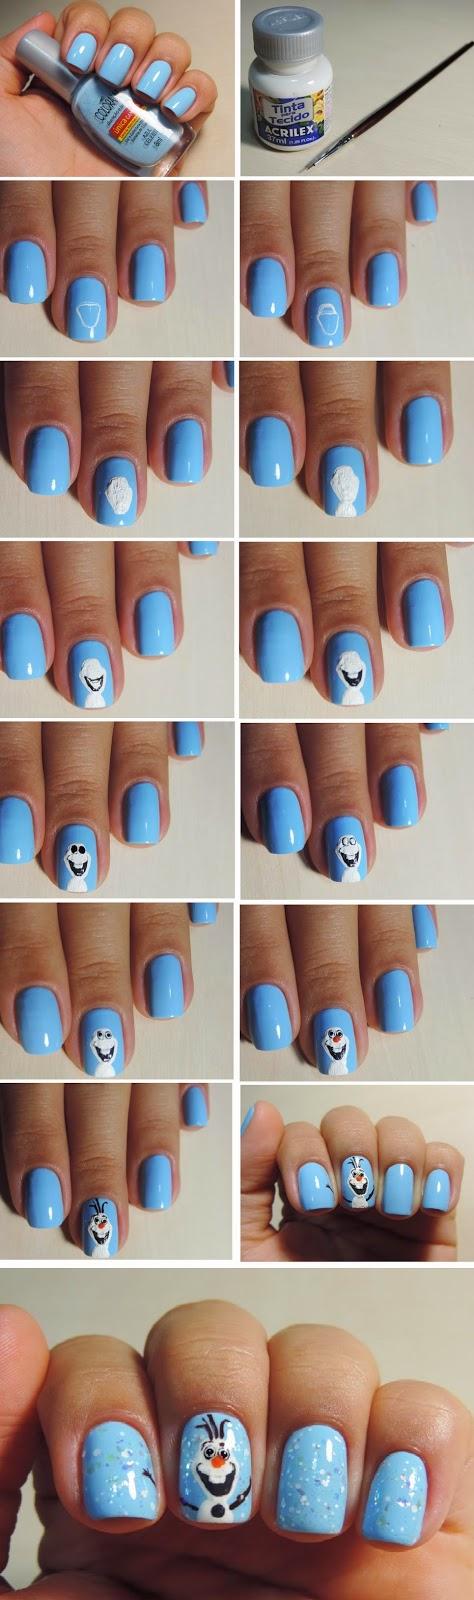 LoLus Fashion: Wonderful Frozen Nail Art Design Tutorials / Best ...